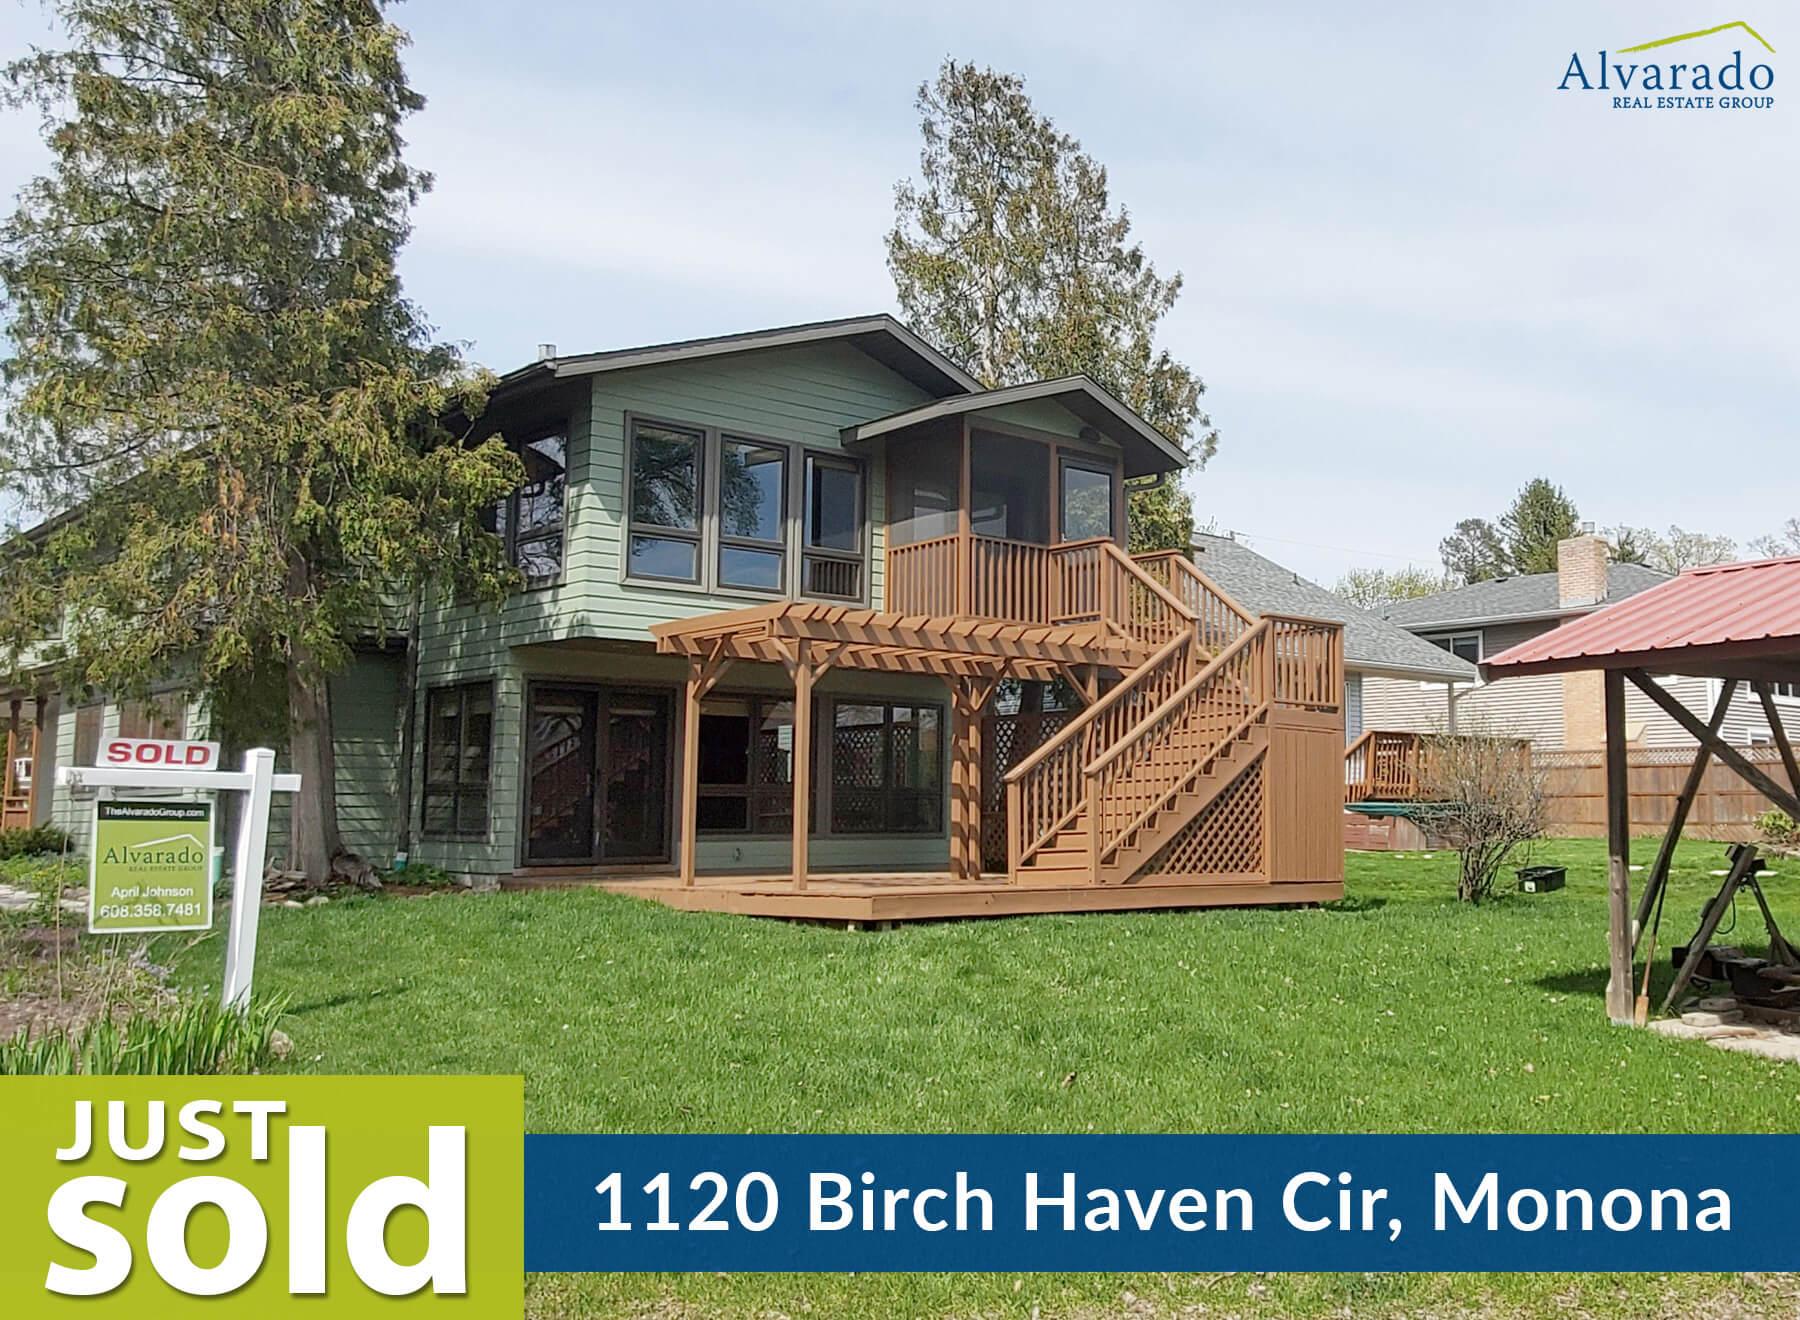 1120 Birch Haven Circle, Monona – Sold by Alvarado Real Estate Group